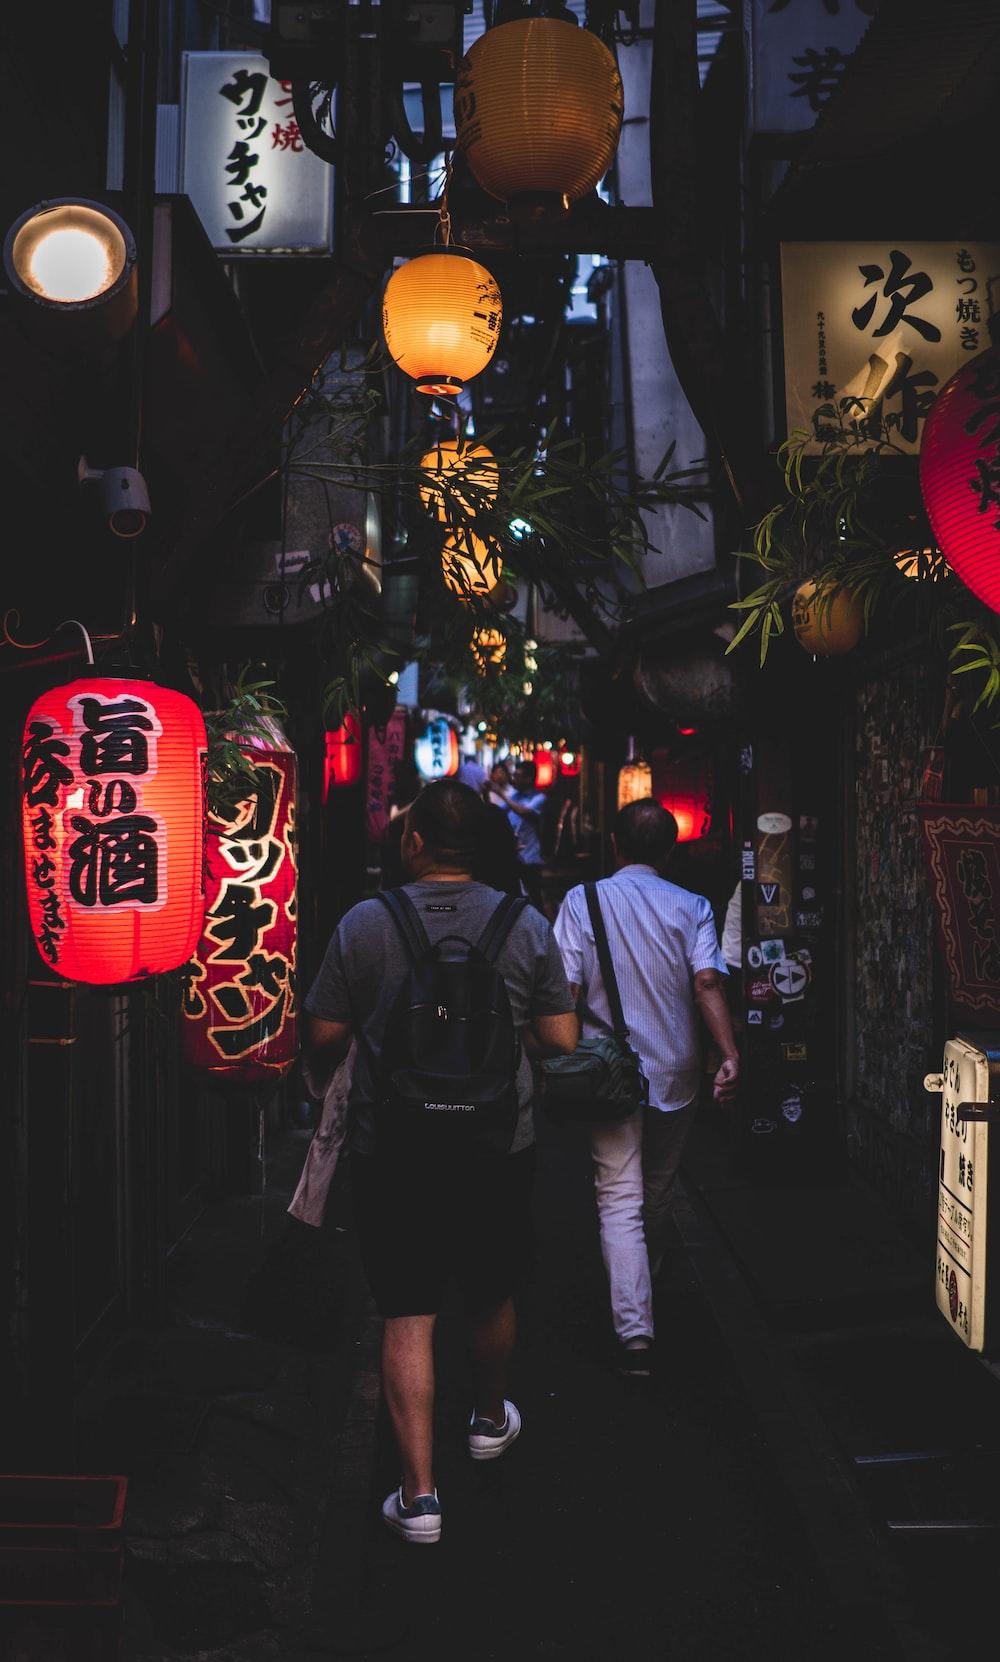 men walking along narrow street with hanging lanterns